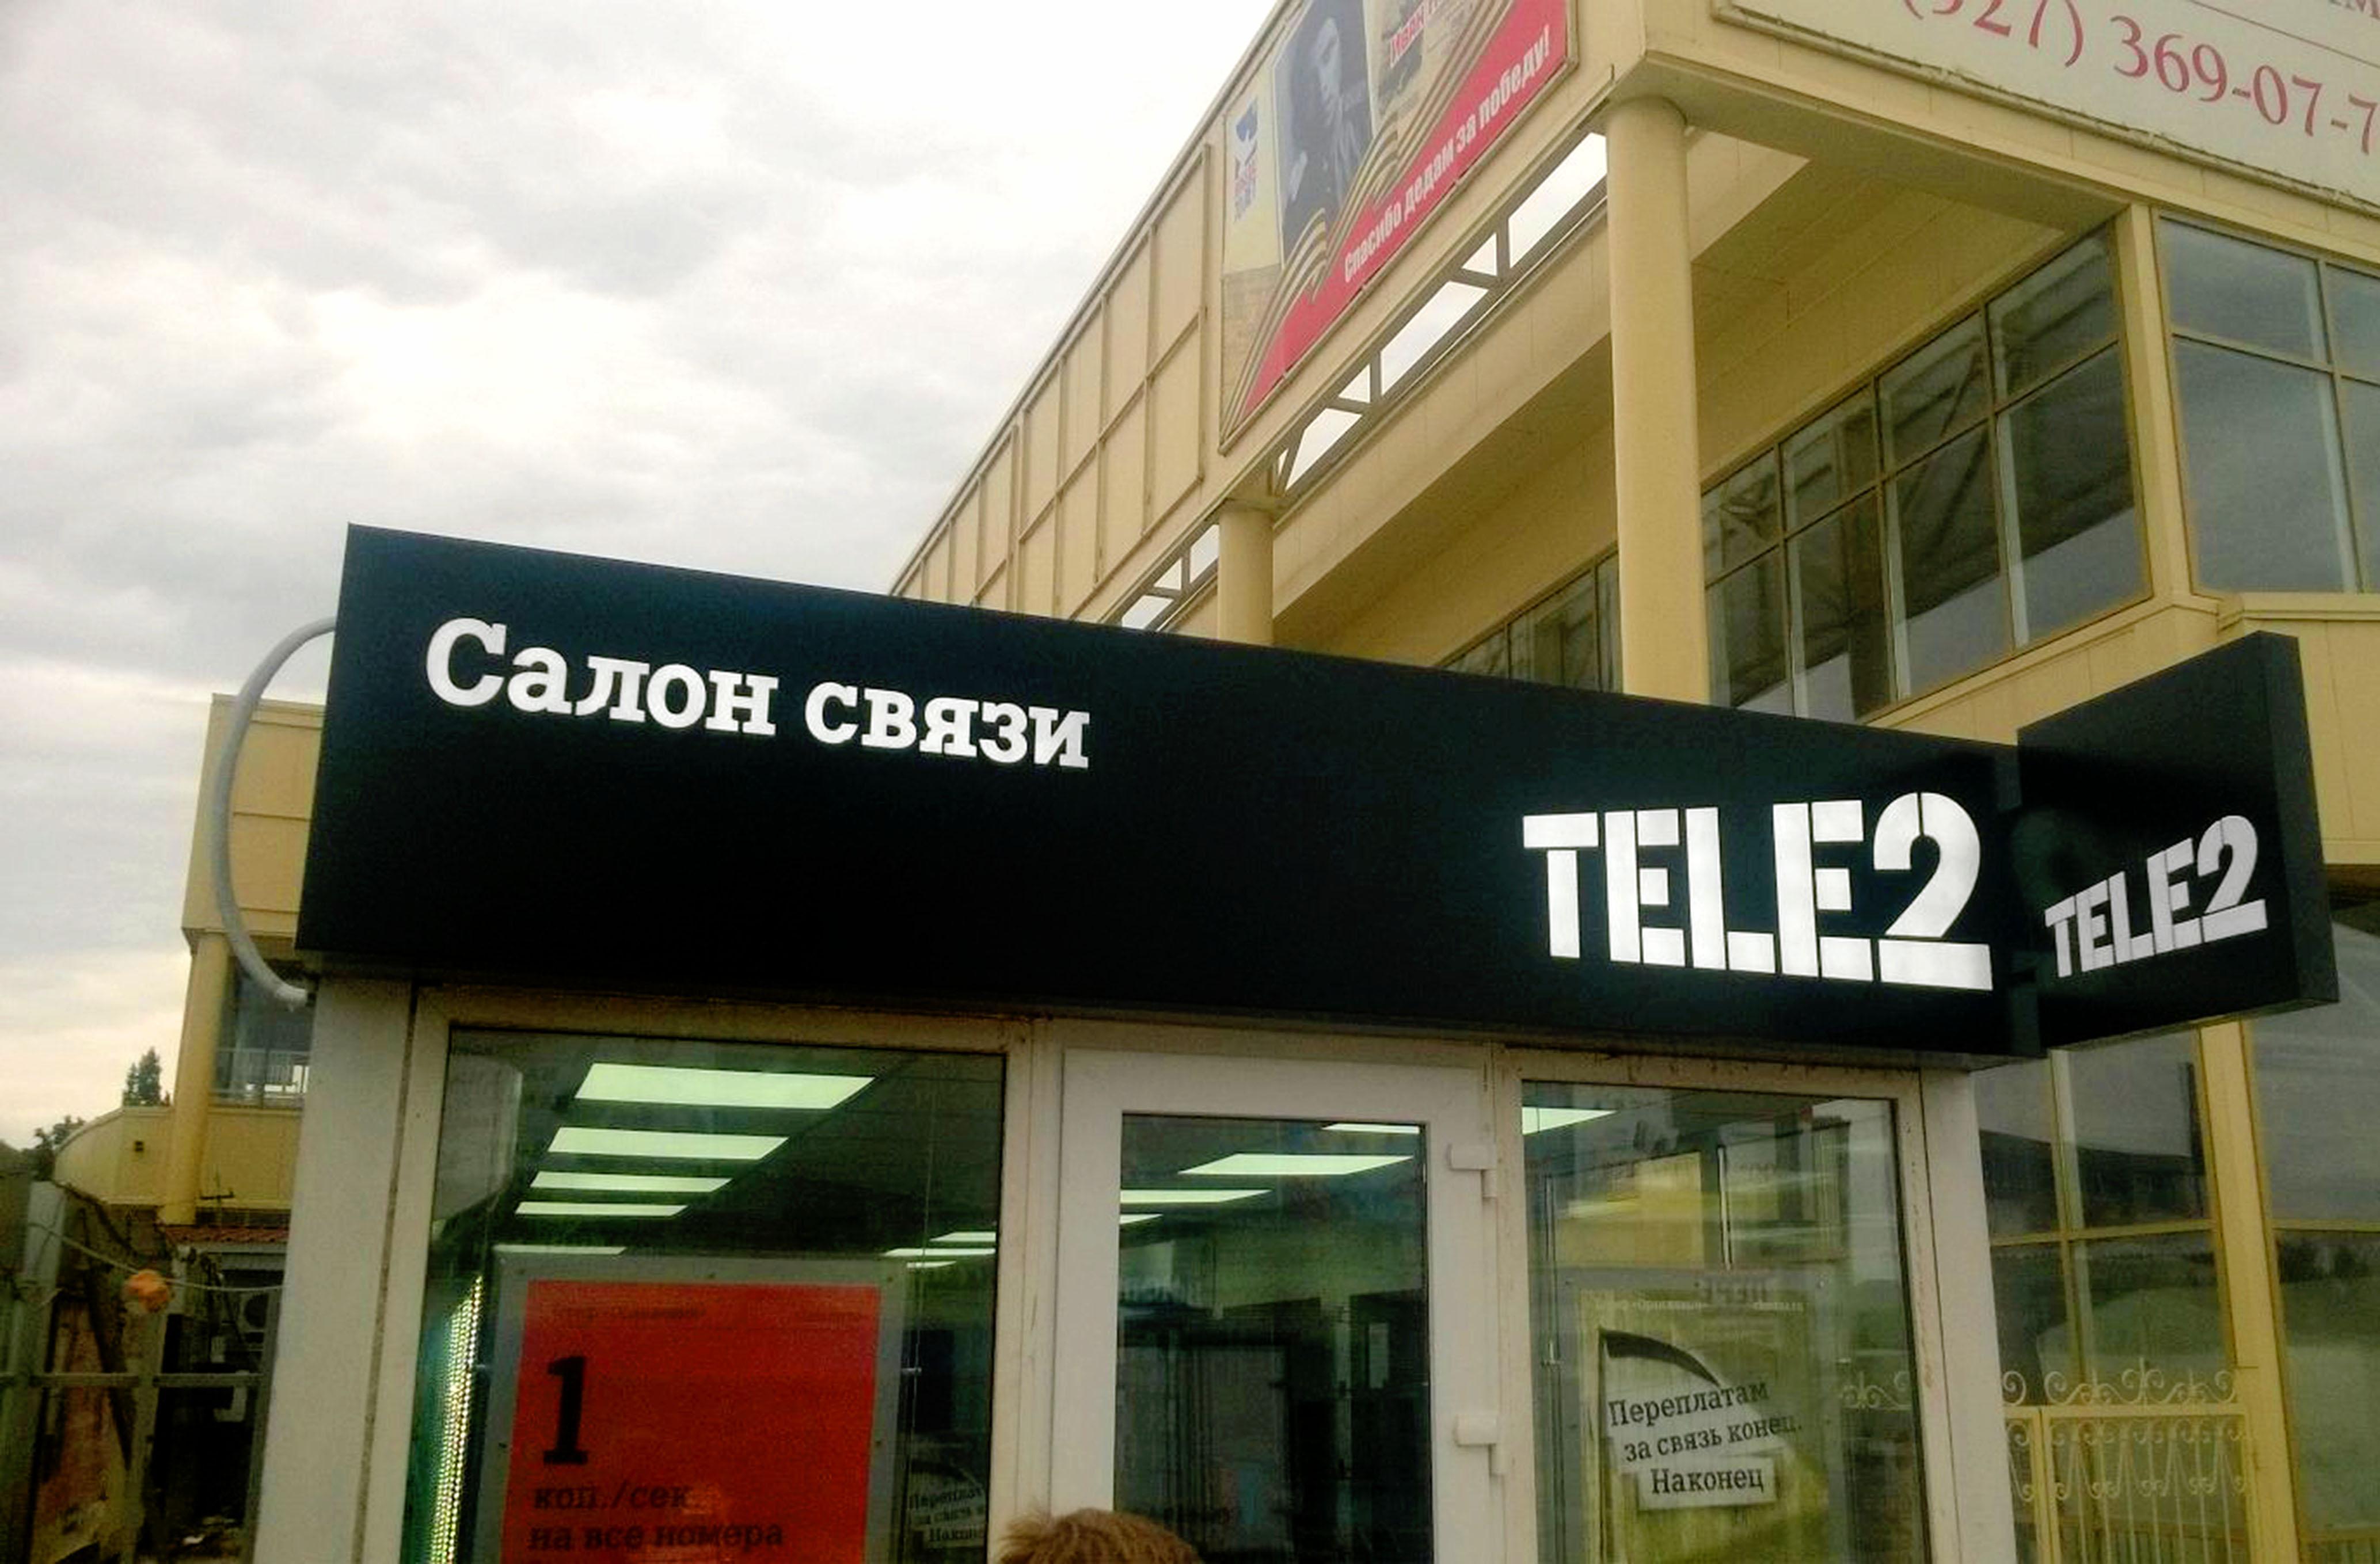 «Tele2» в г. Пенза